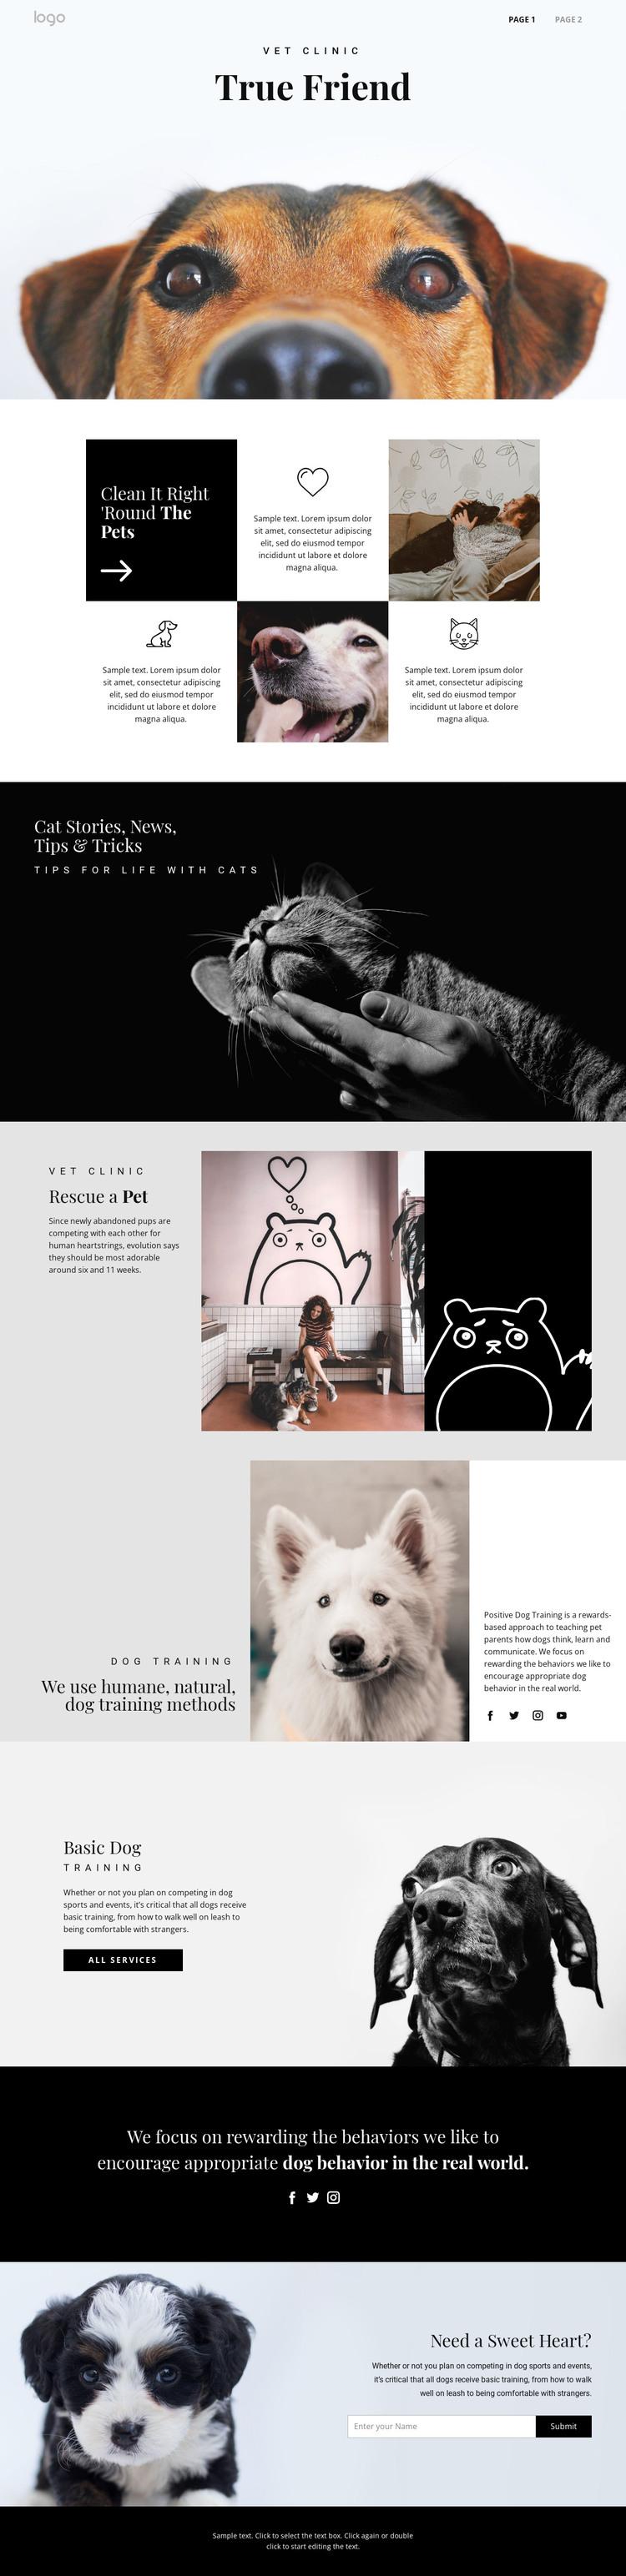 Finding your true friend pet Web Design